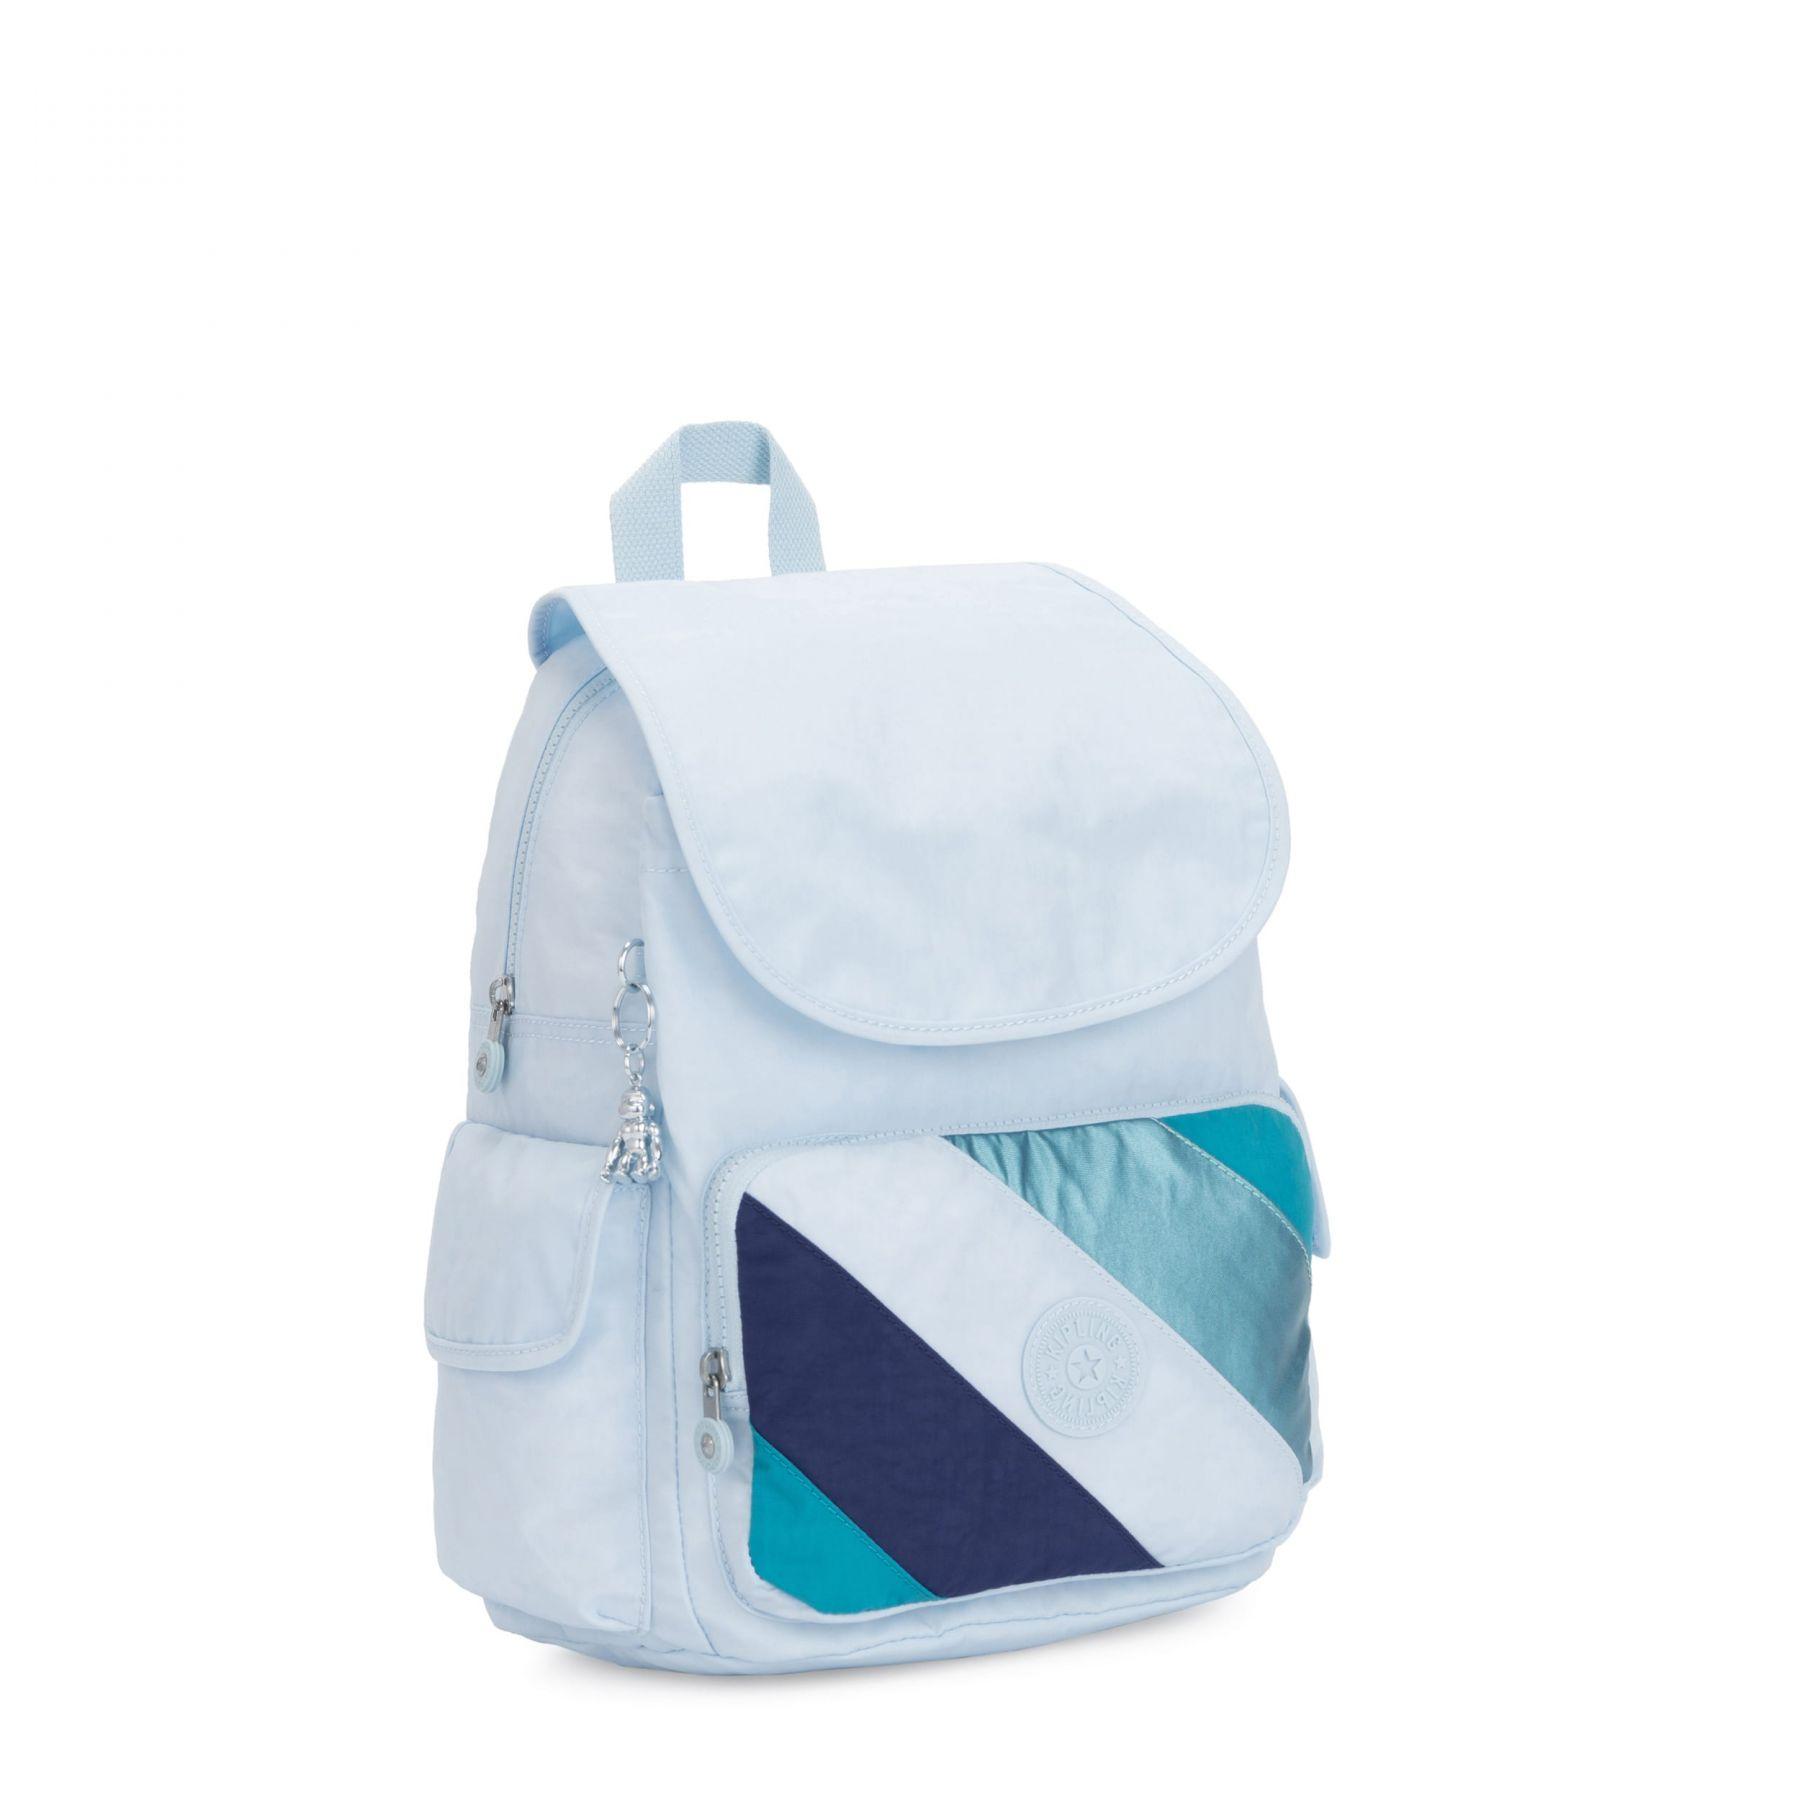 CITY PACK SCHOOL BAGS by Kipling